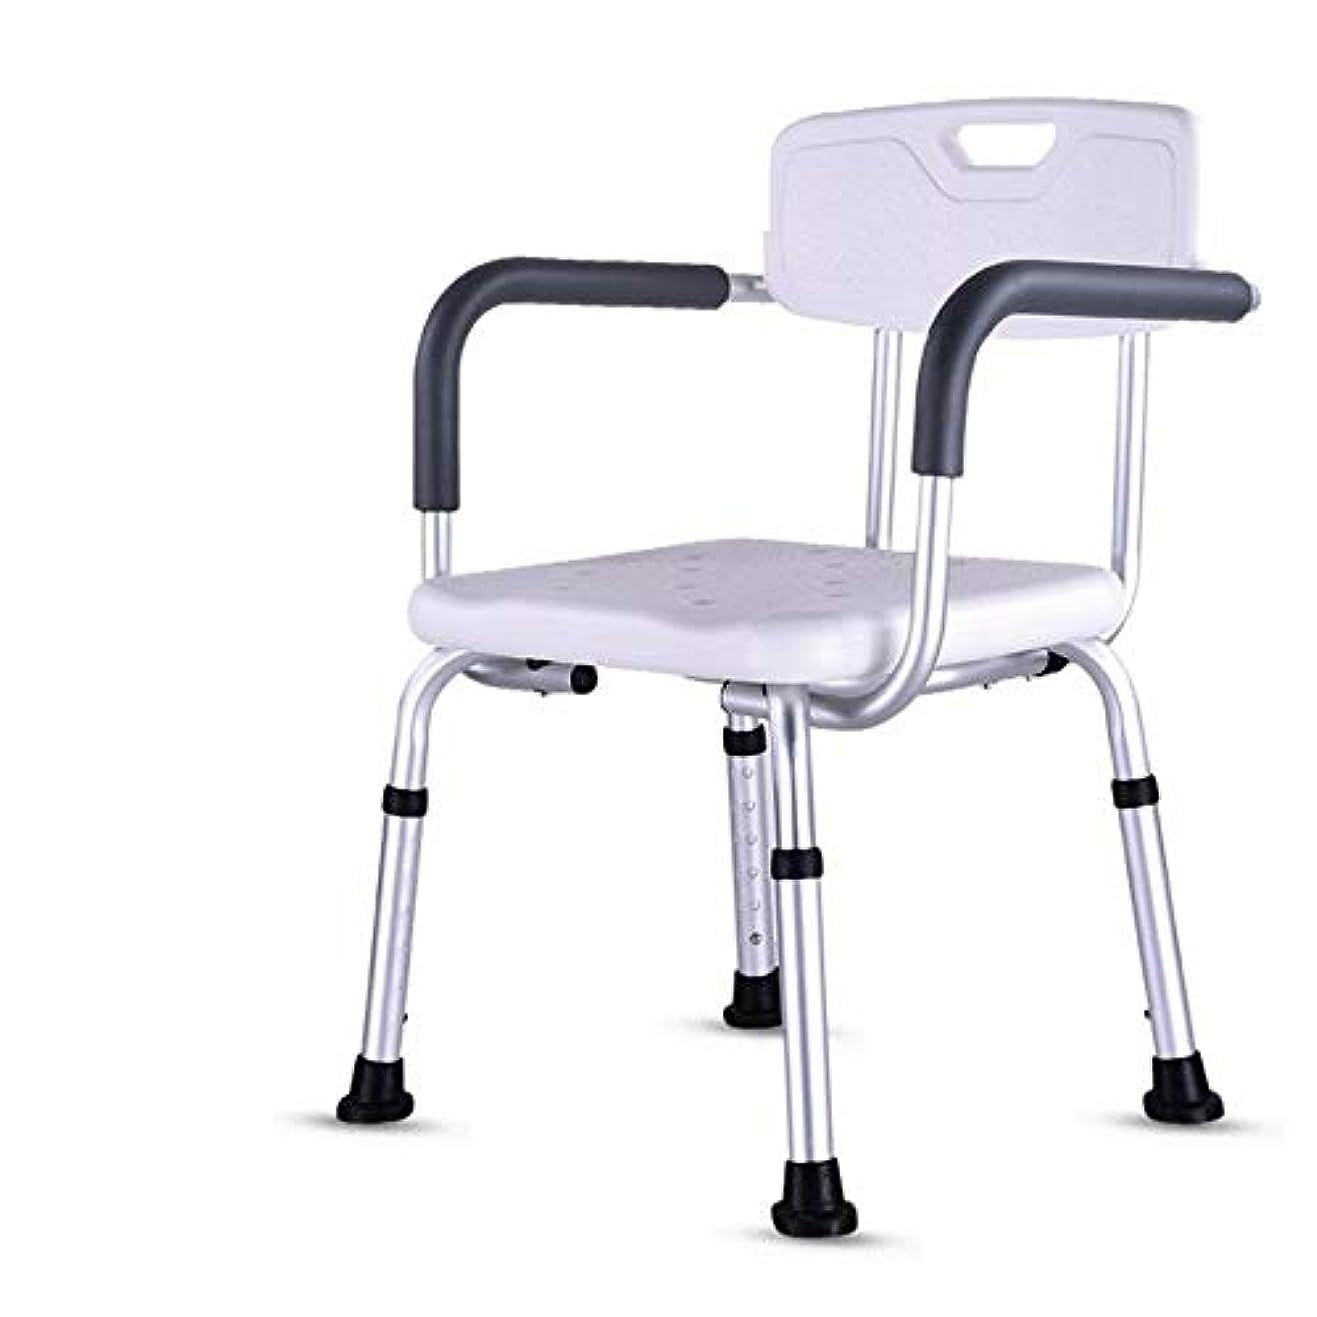 後過敏なコンテスト背もたれ付き軽量折りたたみウェットバスルームシャワーシートチェア-高さ調節可能